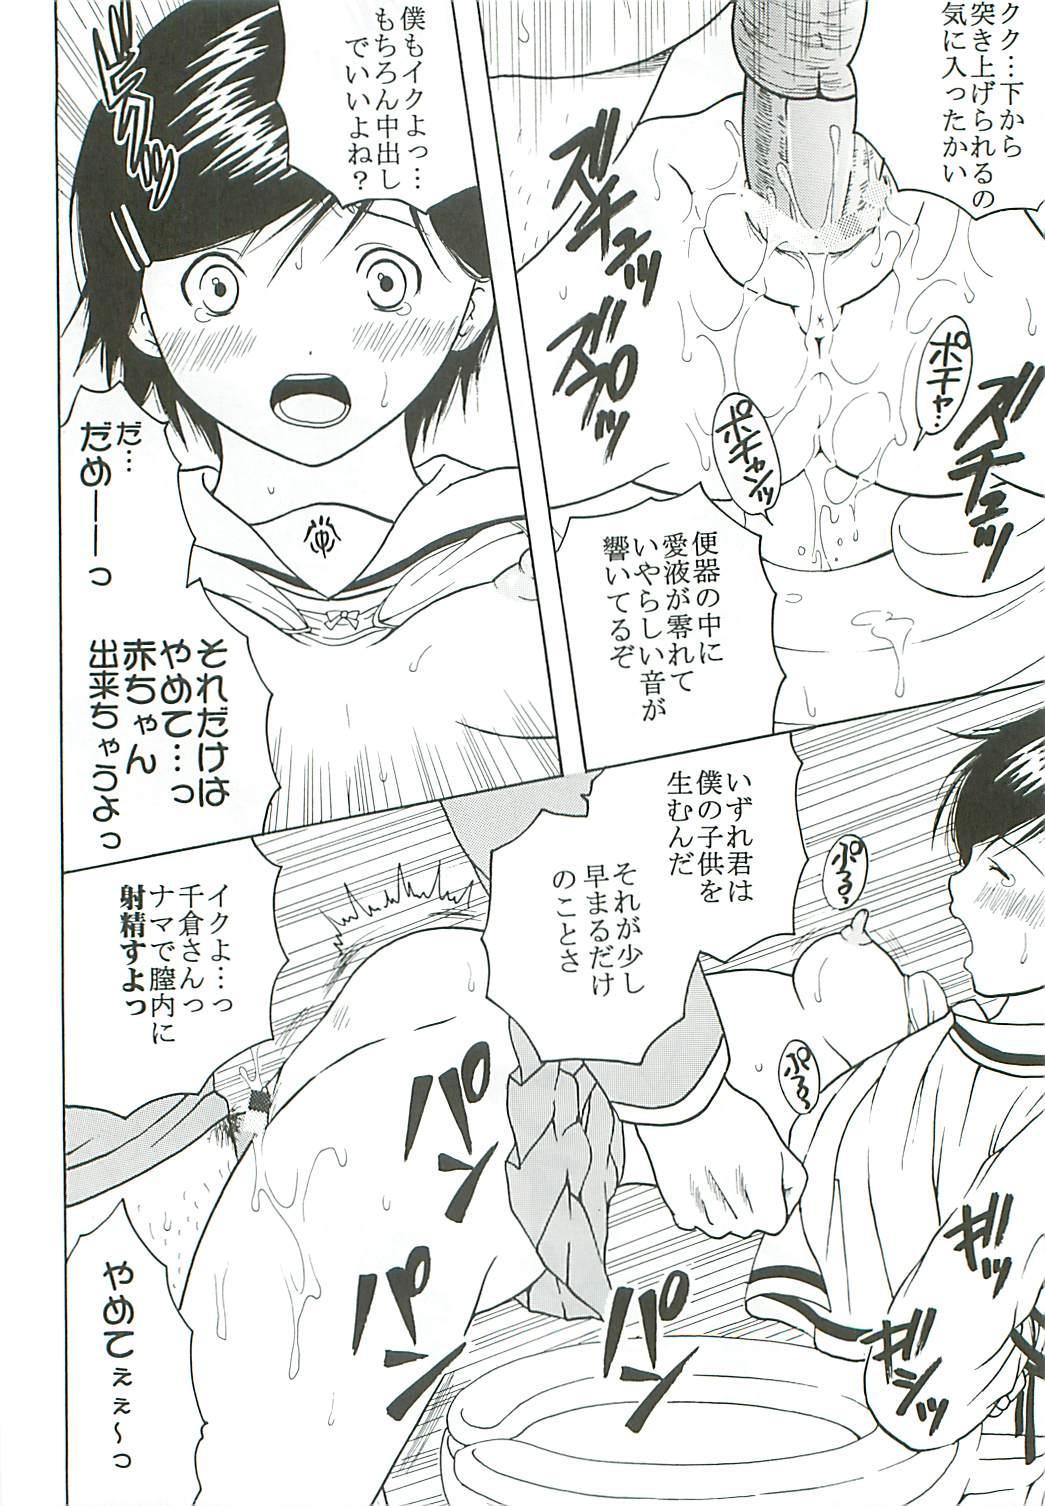 Chitsui Gentei Nakadashi Limited vol.4 20